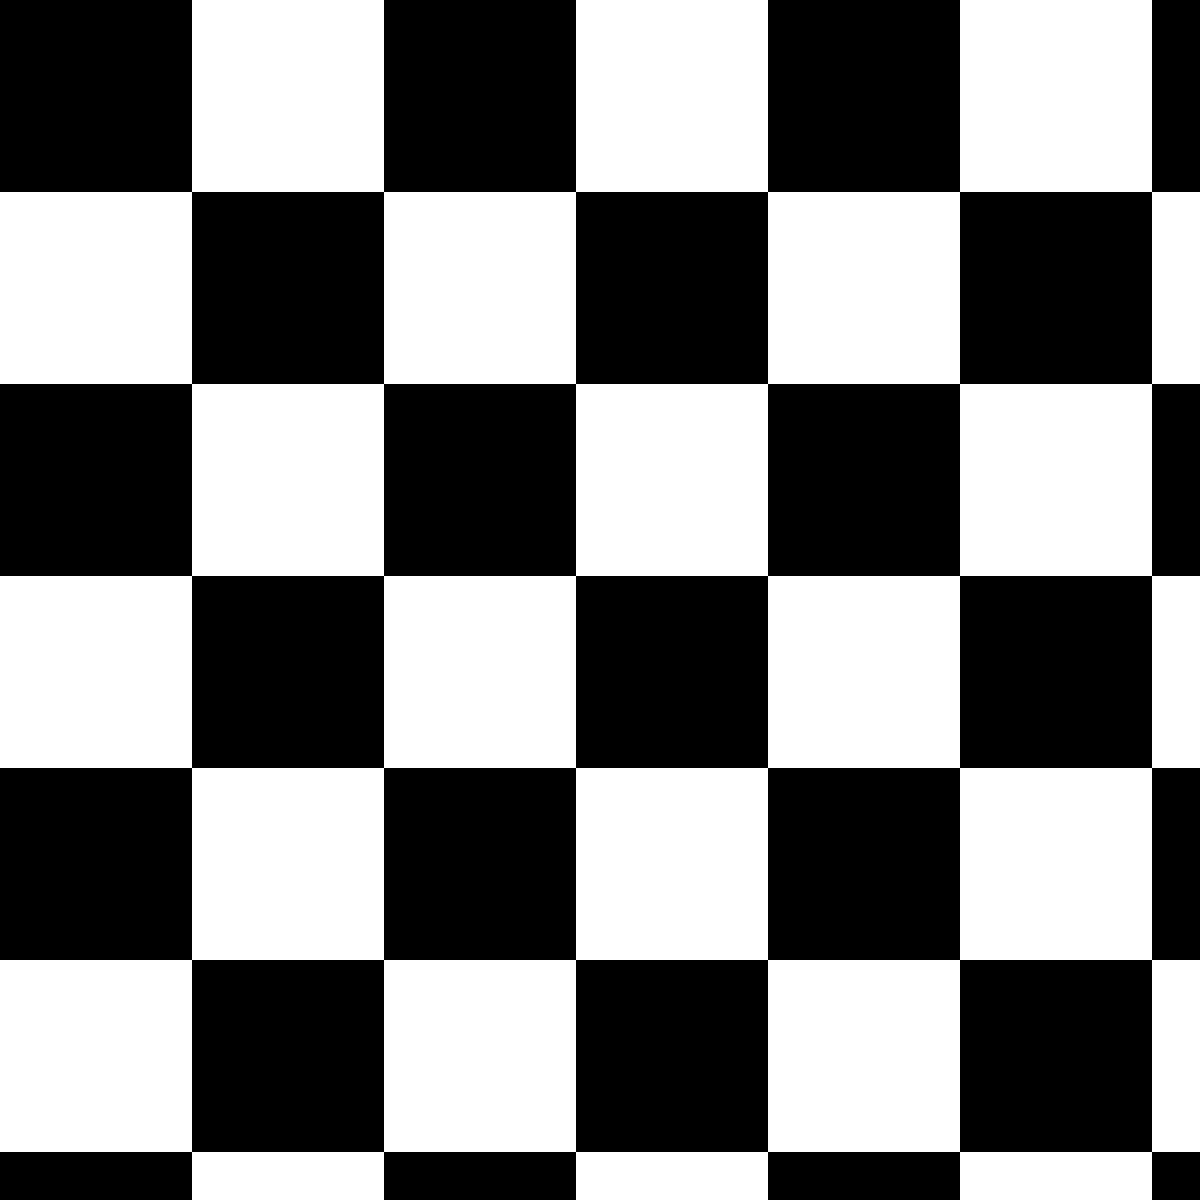 всего фон черные и белые квадраты если автолюбителя